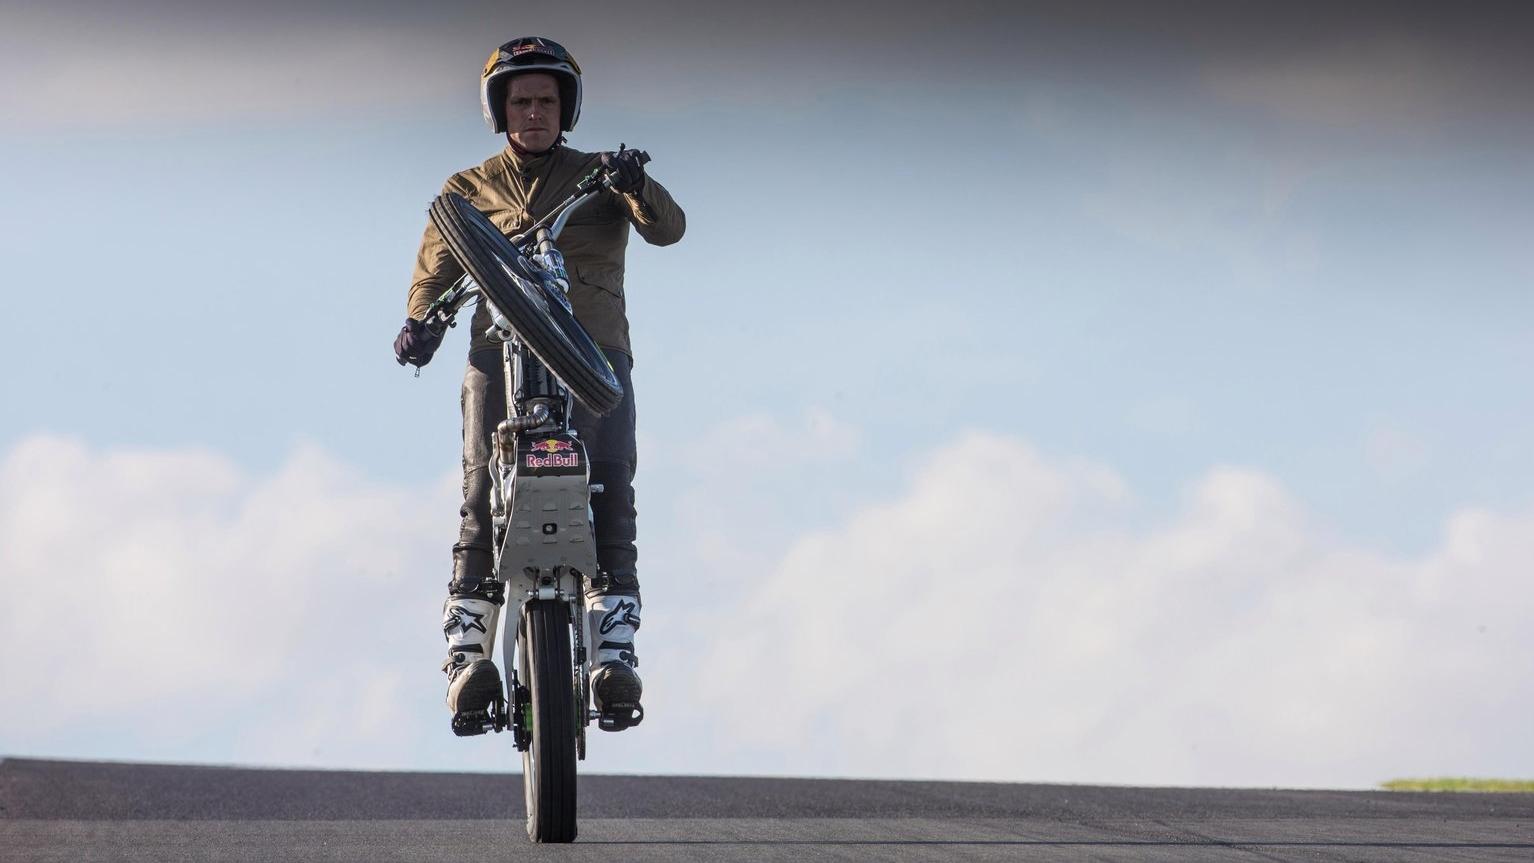 El caballito de 60 kilómetros de Doug Lampkin en la Isla de Man, ya en vídeo